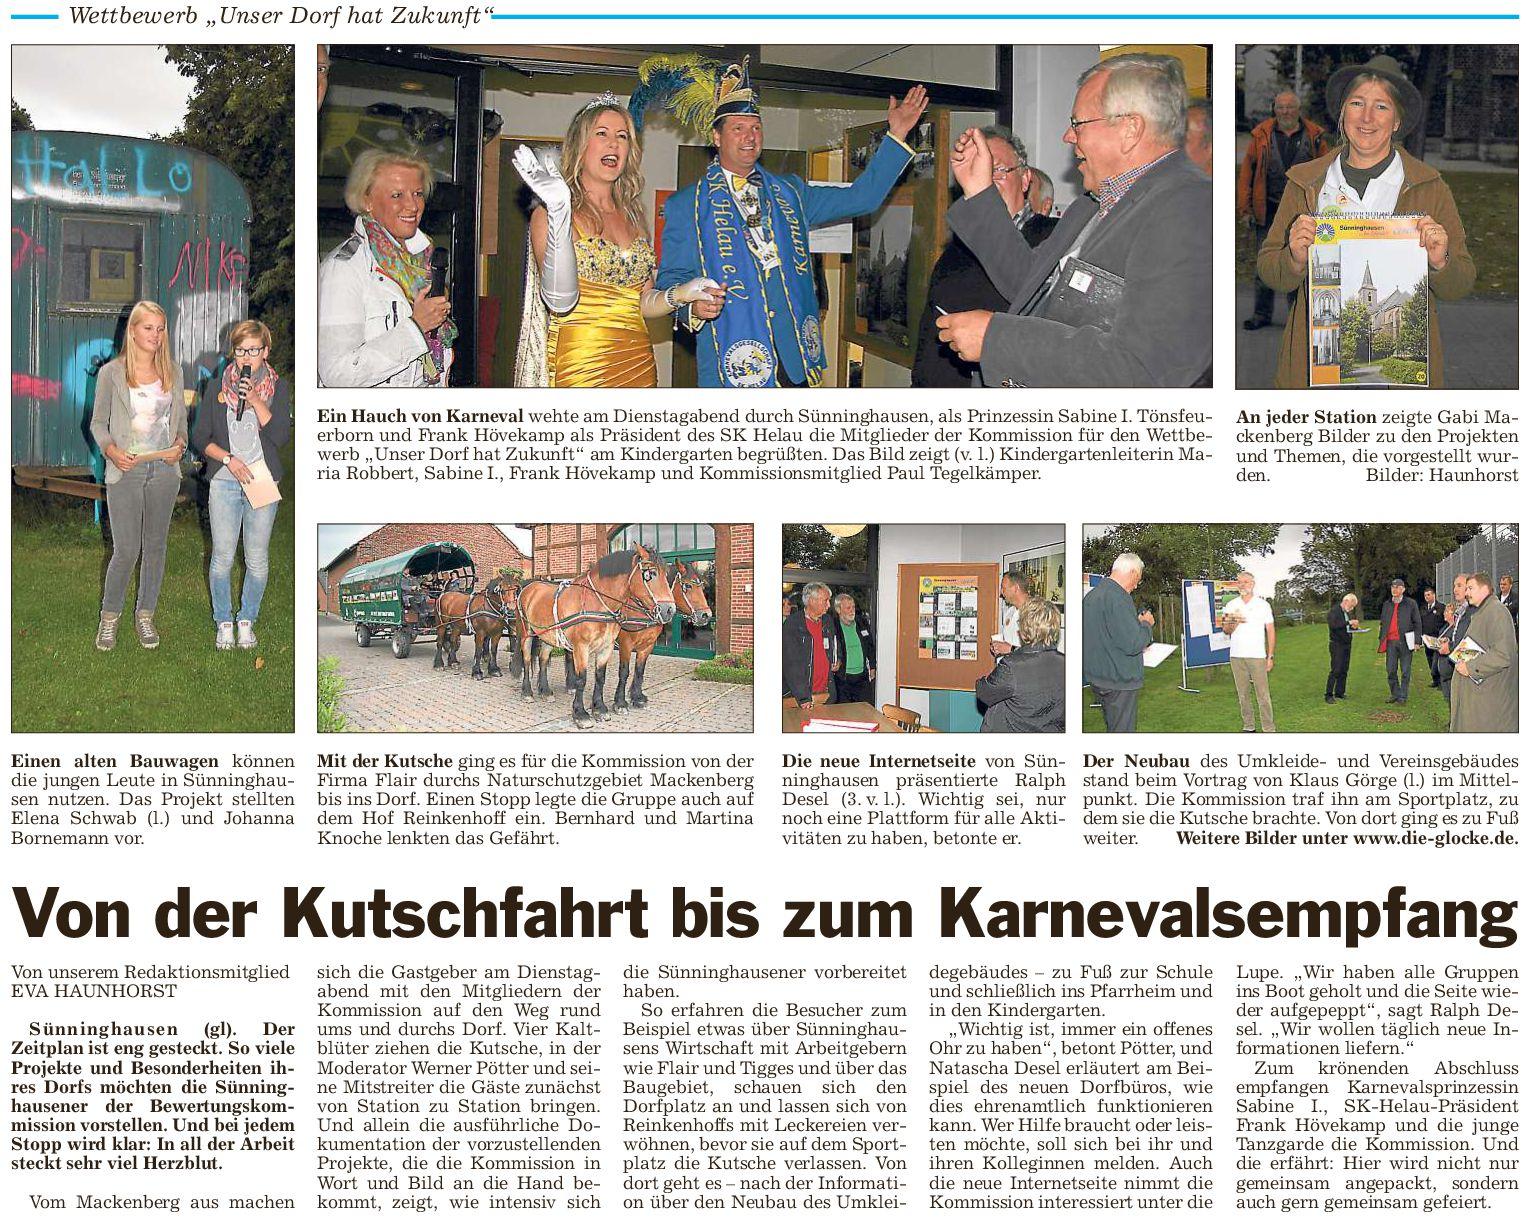 Umfangreiche Dorfbegehung in Sünninghausen